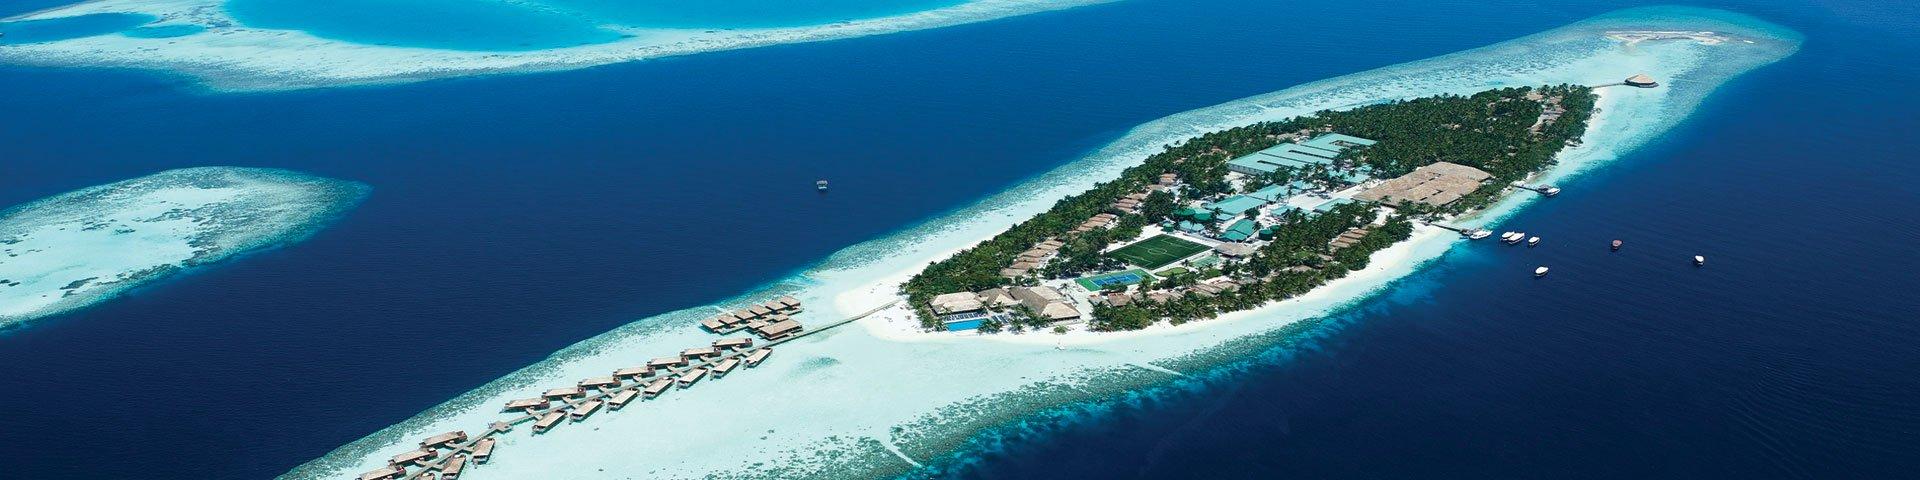 Alifu Dhaalu Atoll